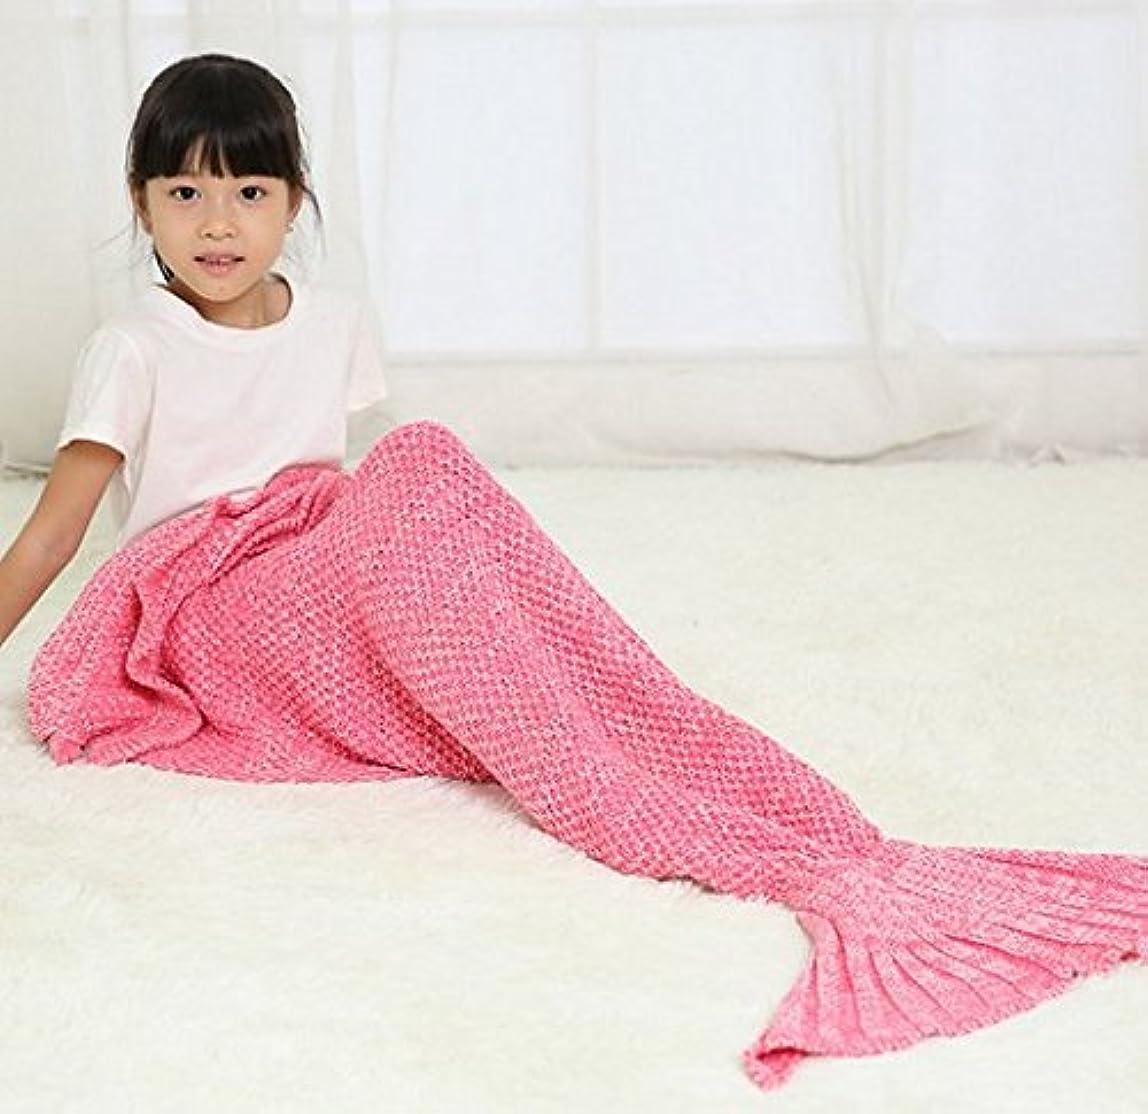 ブレースカメ失効人魚毛布 マーメイド ブランケット 人魚コスチューム 可愛いひざ掛け マーメイド 着る毛布 暖かい 柔らかい 防寒 人魚タイプ マーメイド 着る毛布 寝袋フォーシーズンズ (ピンク)